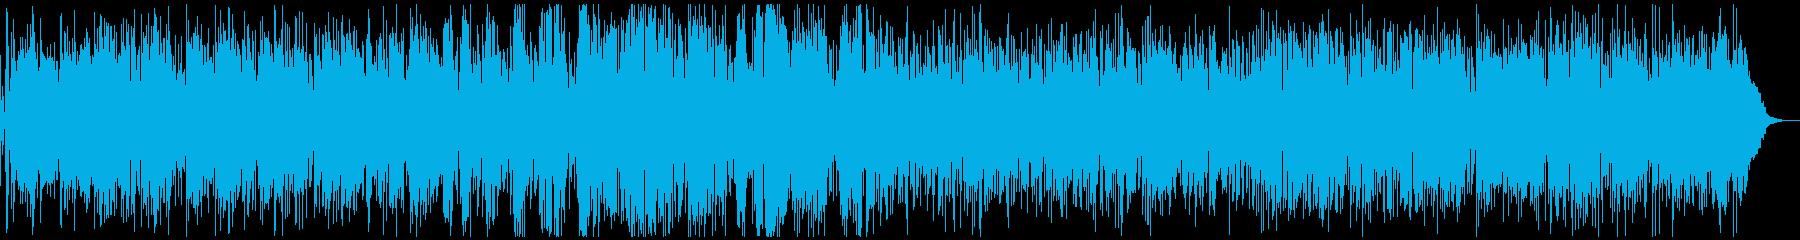 【生演奏】おしゃれな大人のカフェボサノバの再生済みの波形